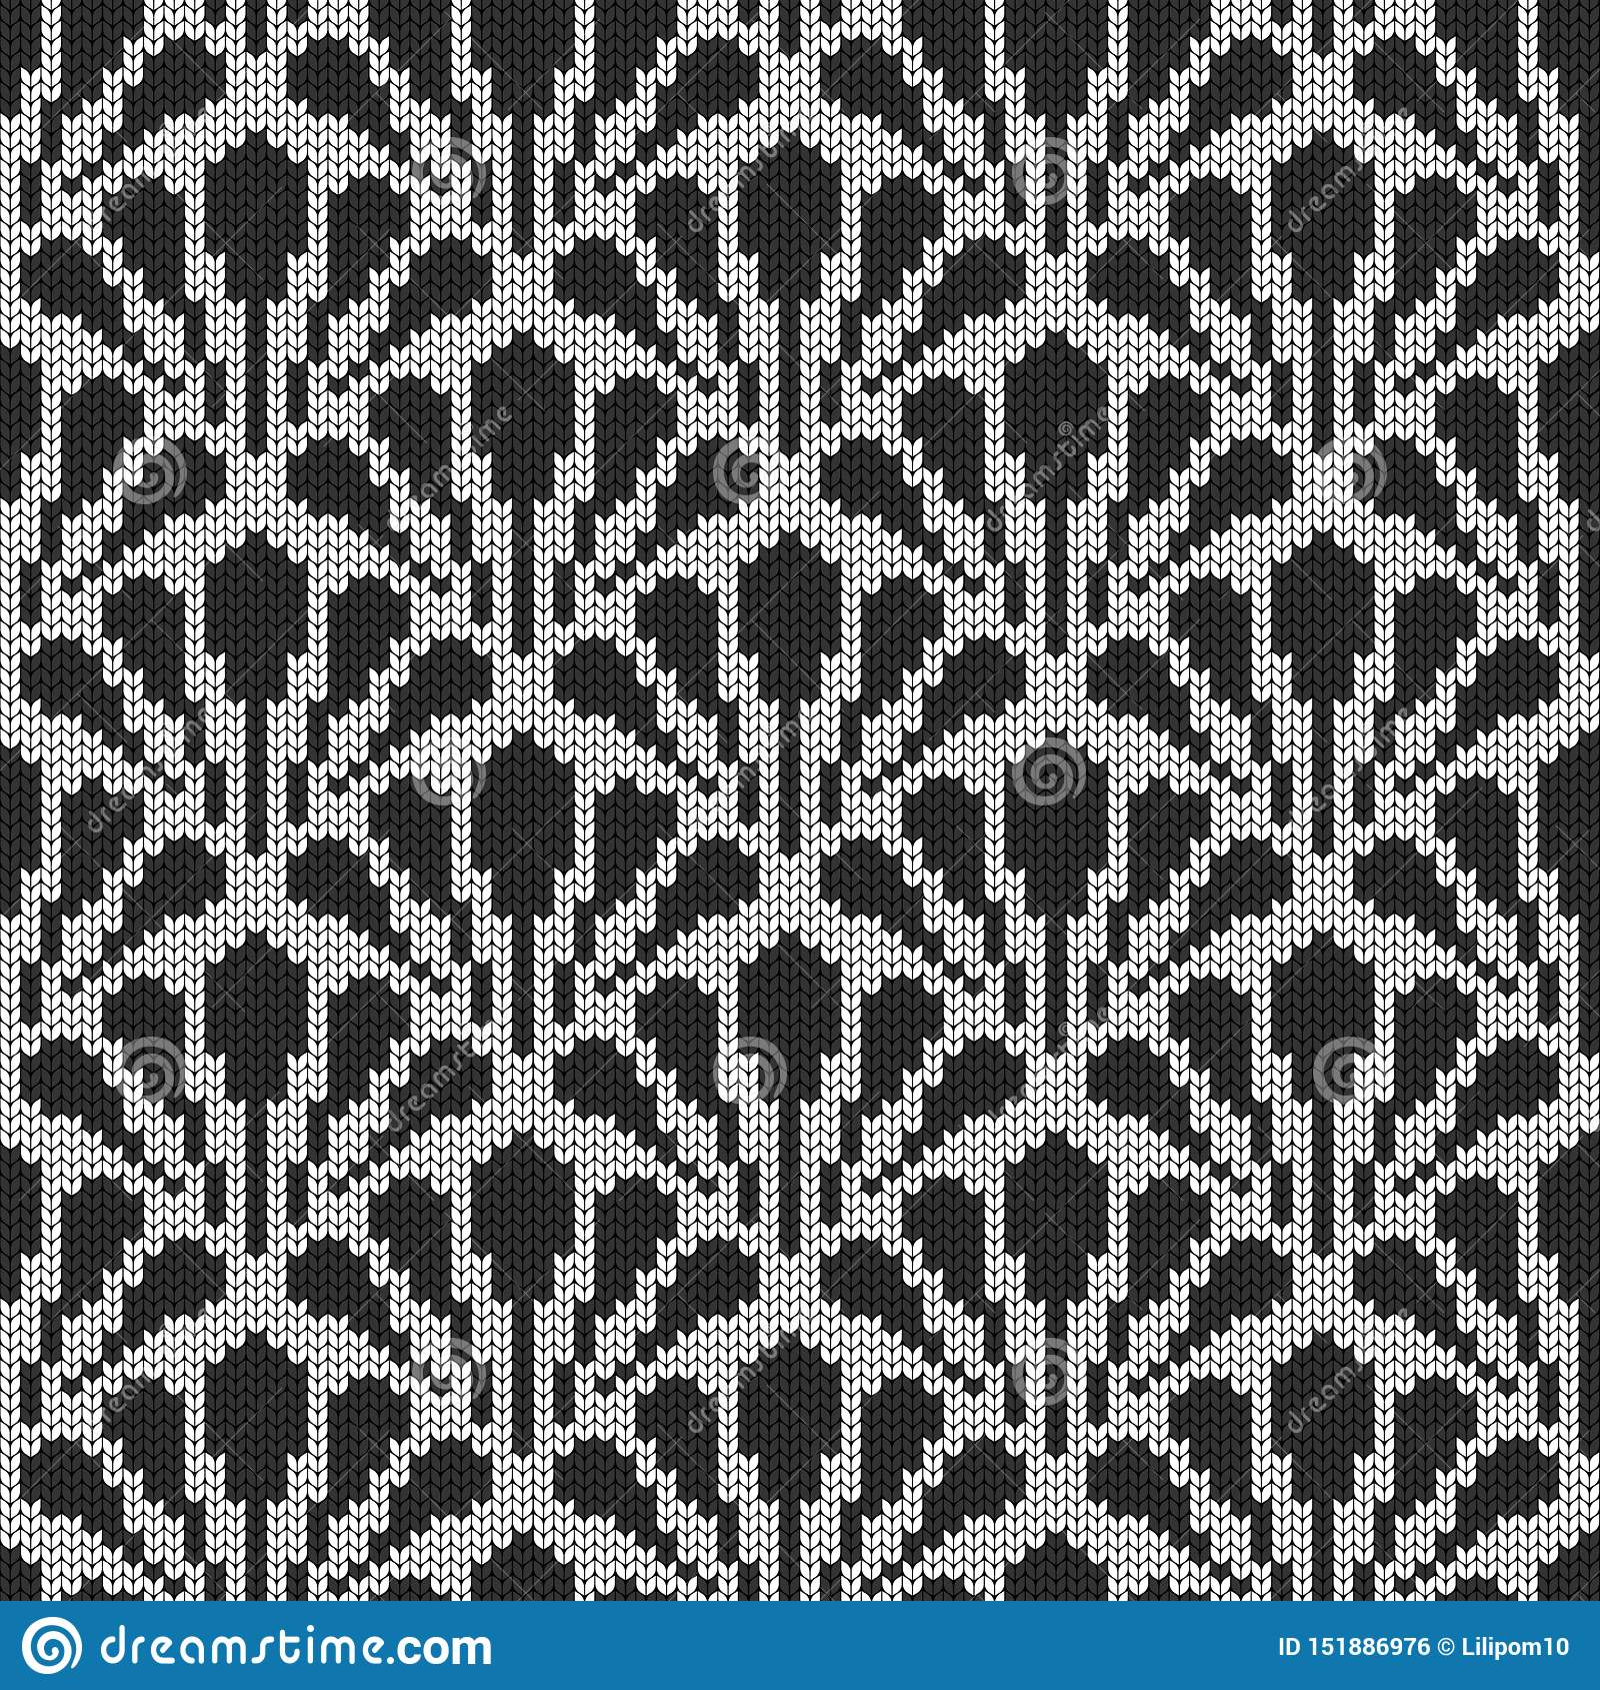 Ro?lina, flora bezszwowy ?rodowisk dekoracyjny Trykotowy wzór dla puloweru, szalika lub skarpet, Jacquard wyplata wally